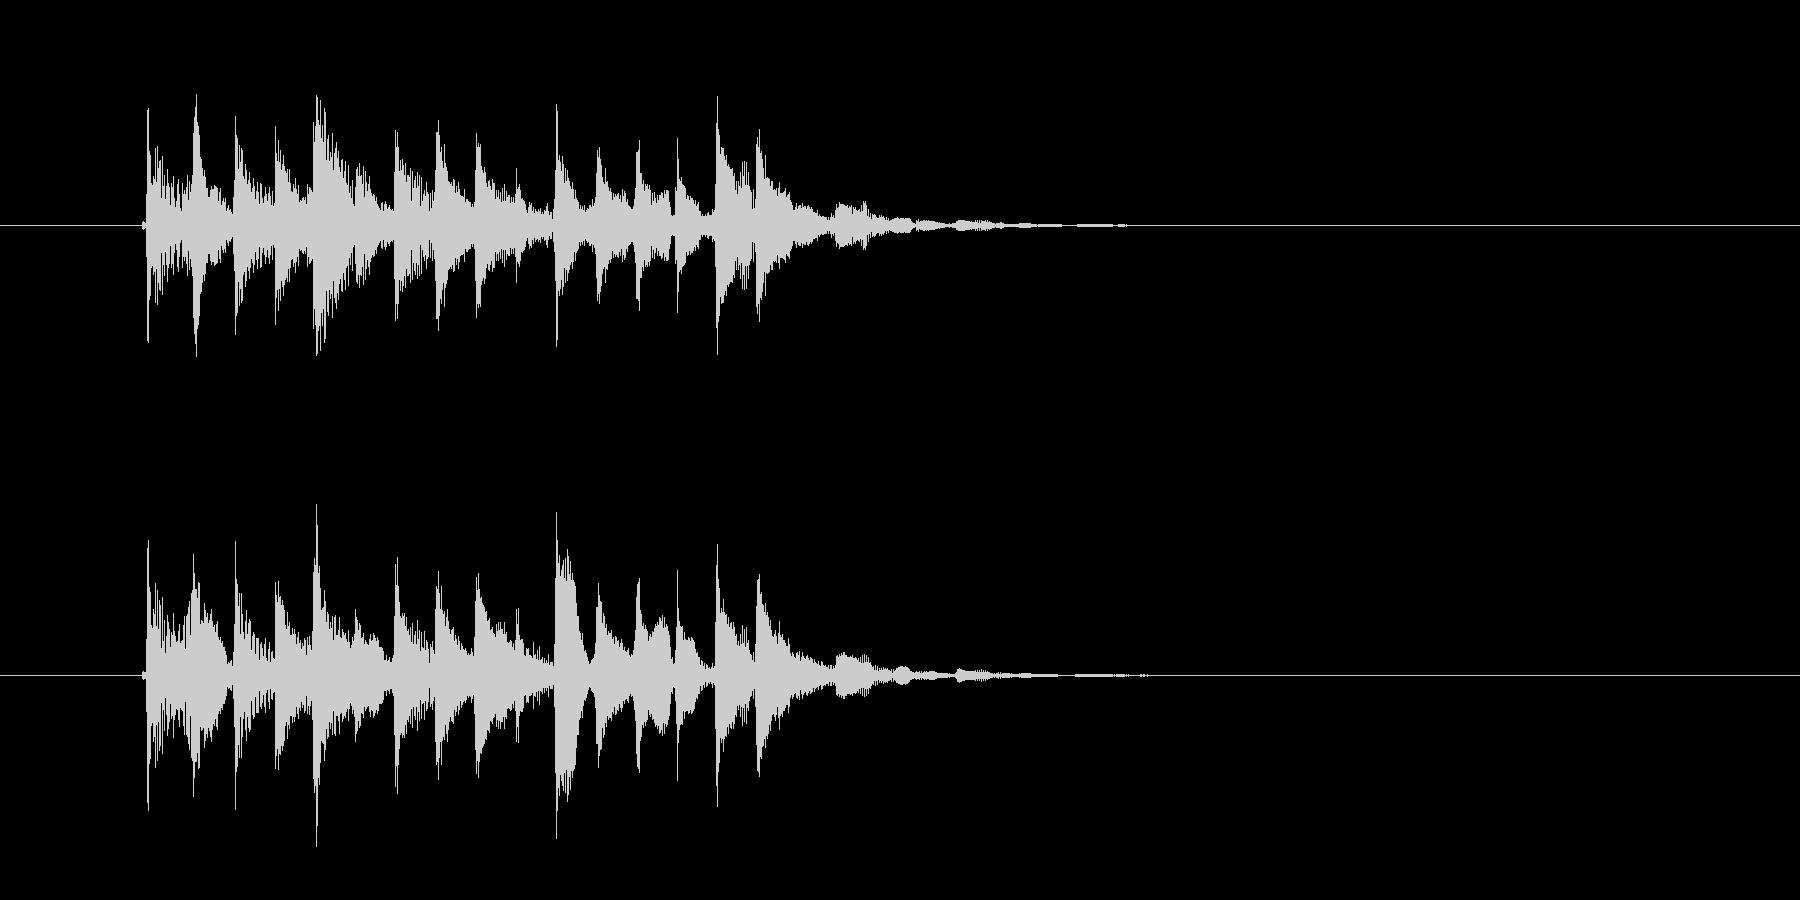 繊細なシンセサイザーのテクノポップスの未再生の波形